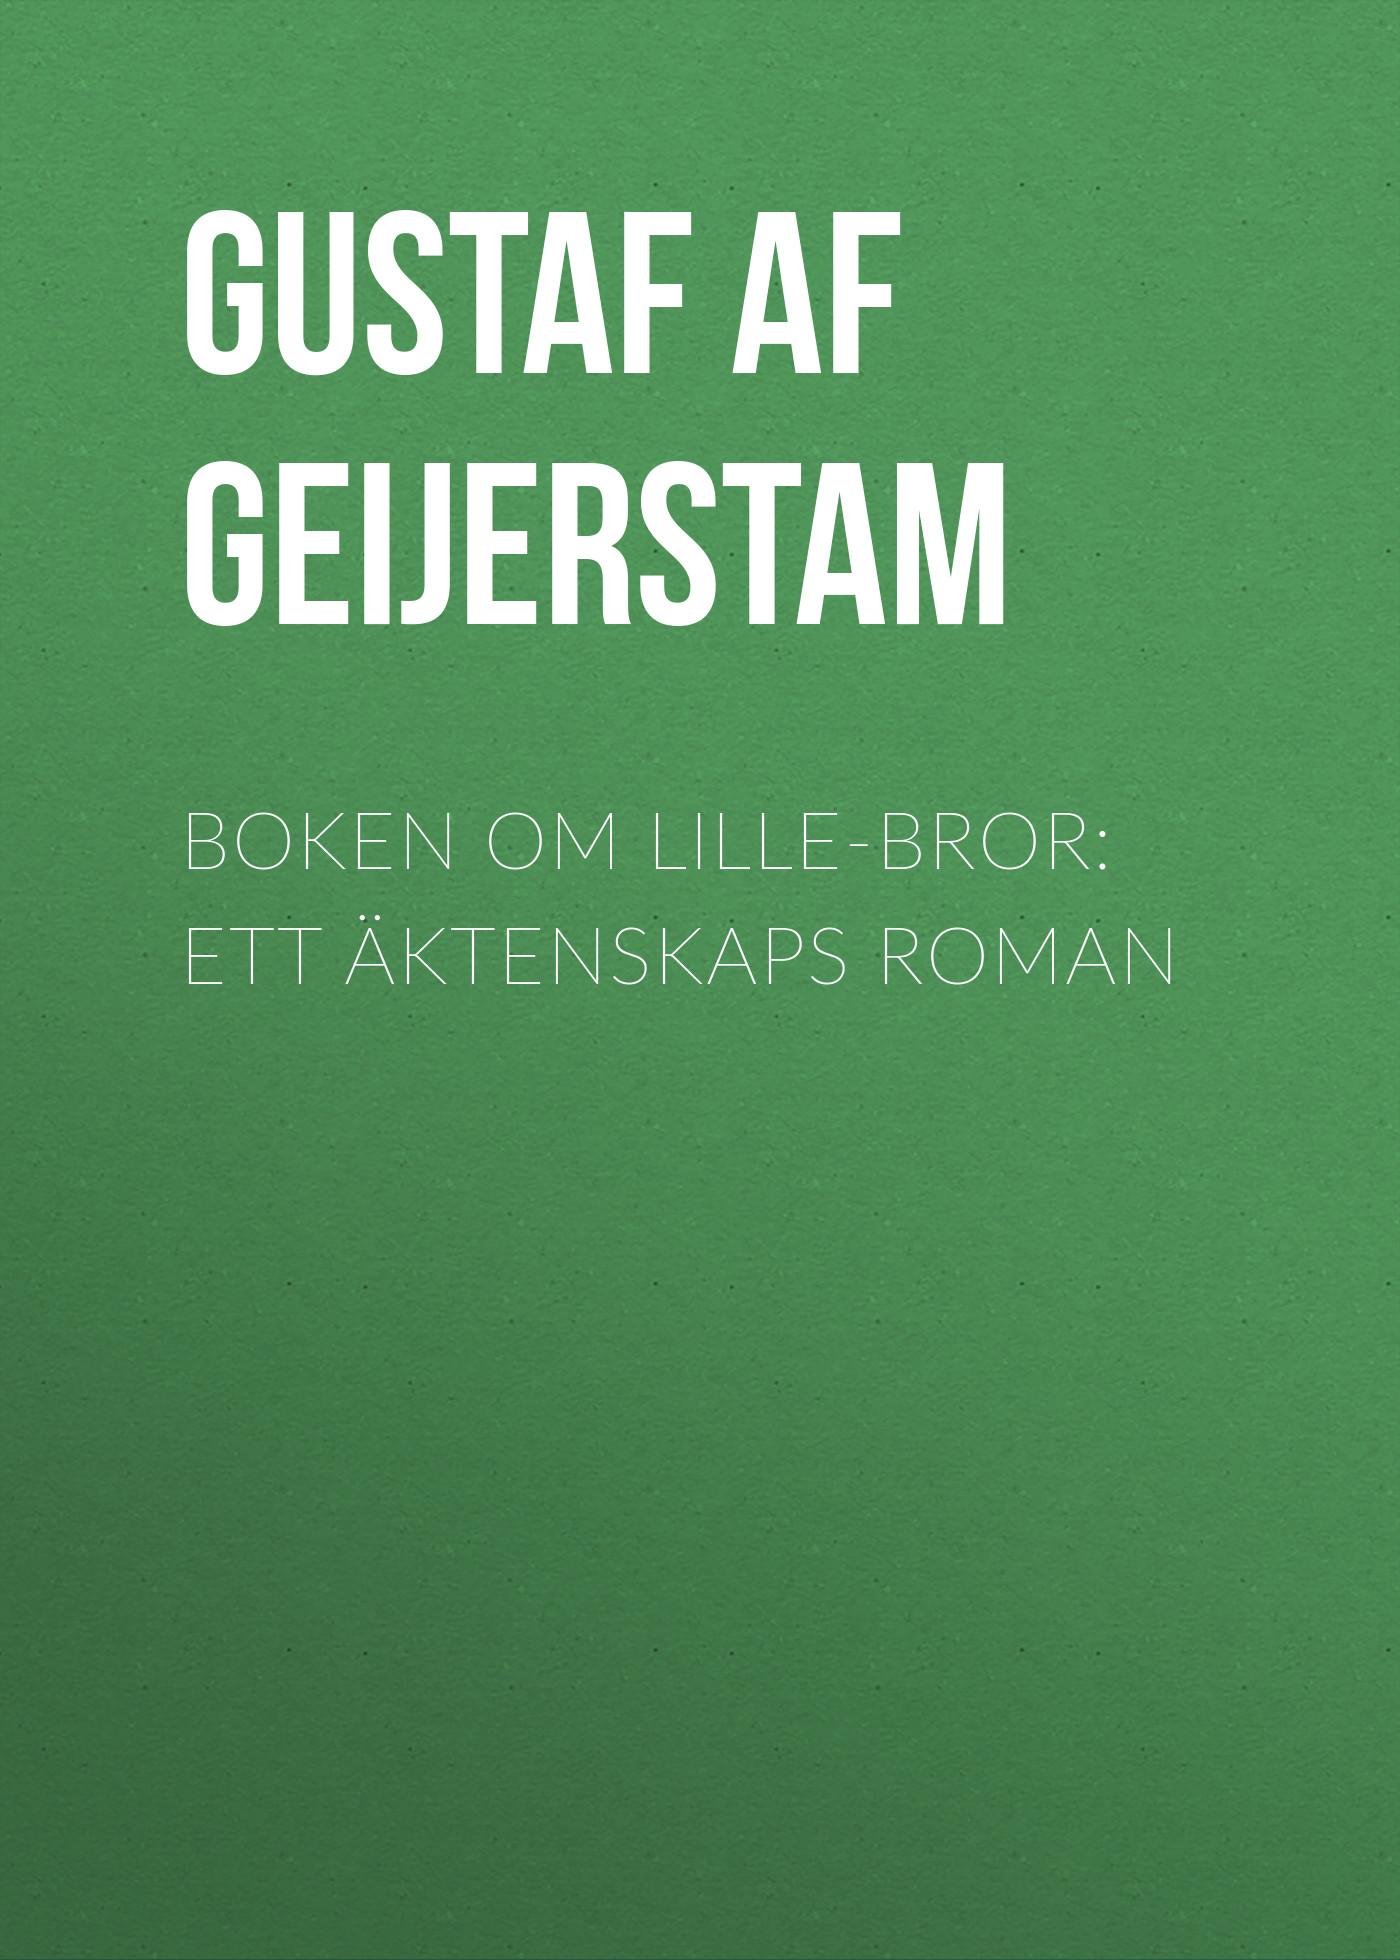 Gustaf af Geijerstam Boken om lille-bror: Ett äktenskaps roman pascal obispo lille